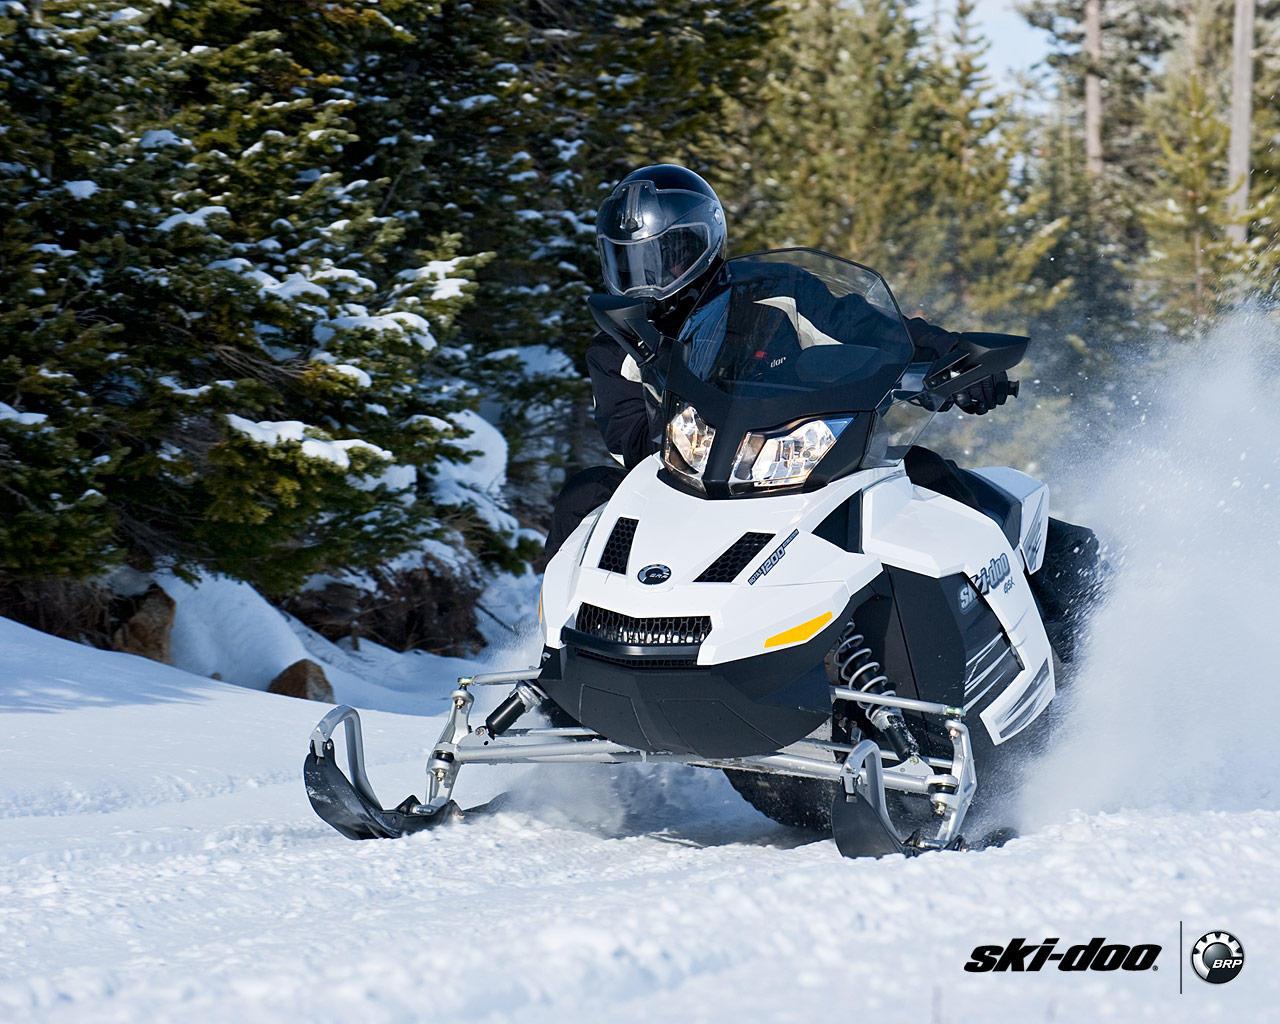 P-Dog Snowmobile Rental and Repair, Inc. image 5